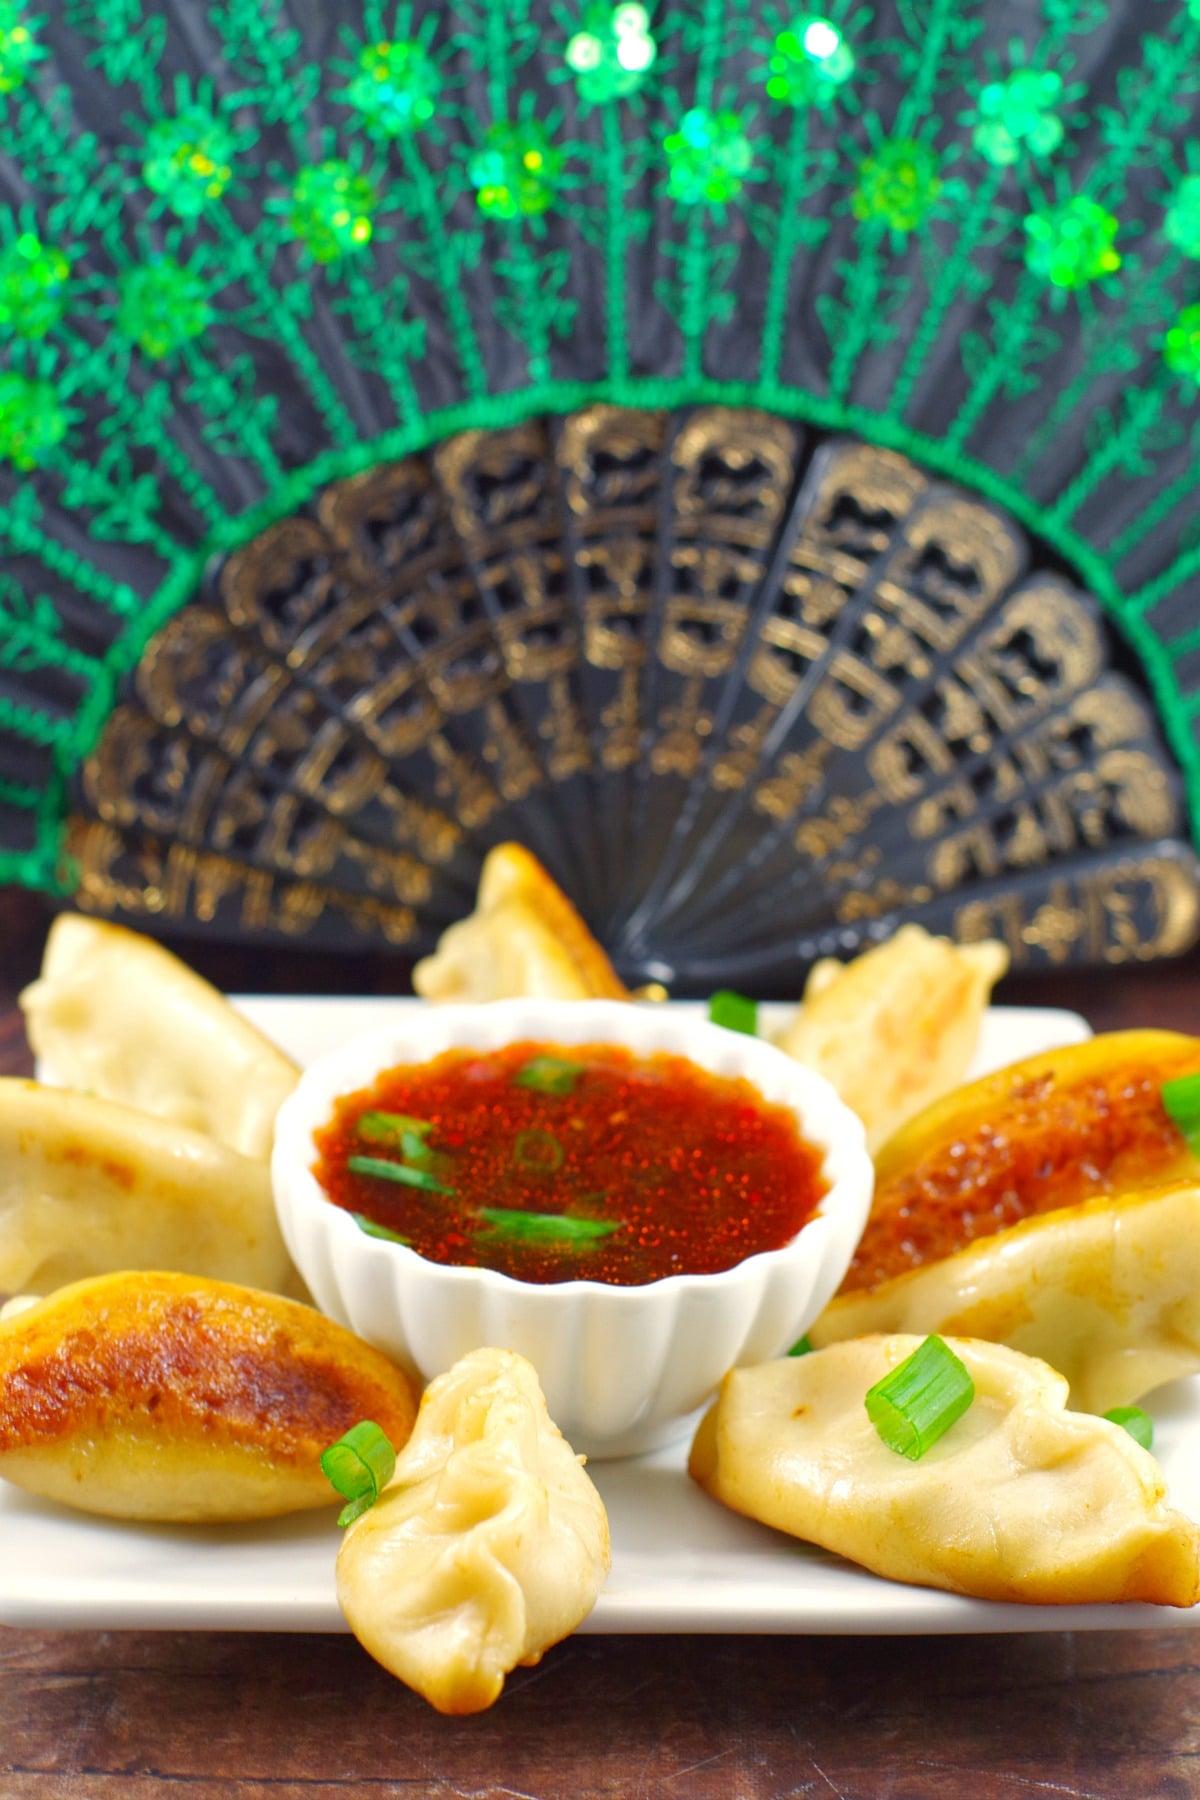 Chinese Potsticker Dumplings